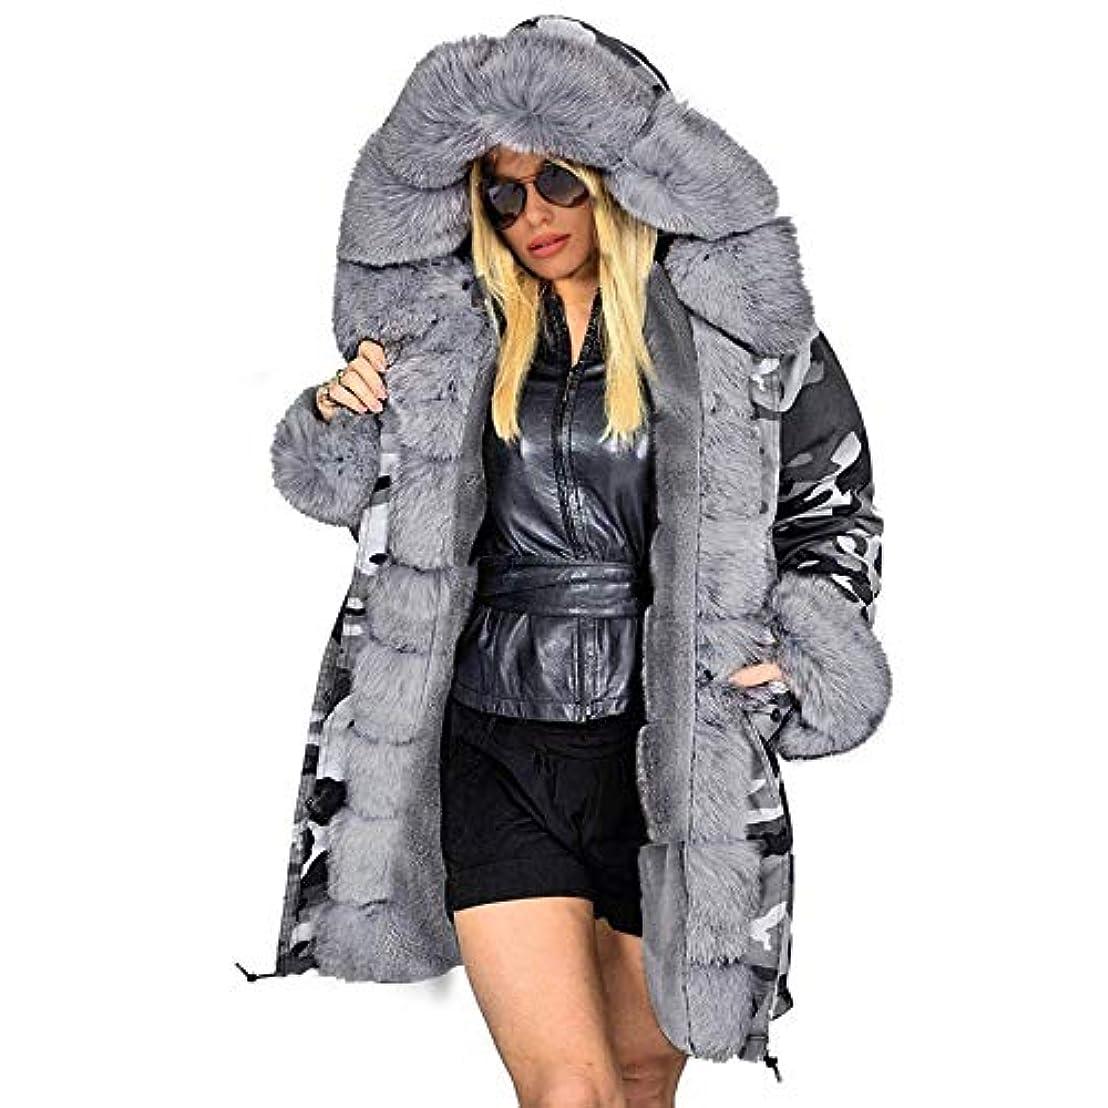 同時よろめくお父さんファッションコートウィンタージャケット女性フードパーカーロングウォームコットンジャケットアウターウェア女性ウィンターコートプラスサイズ,XXXL